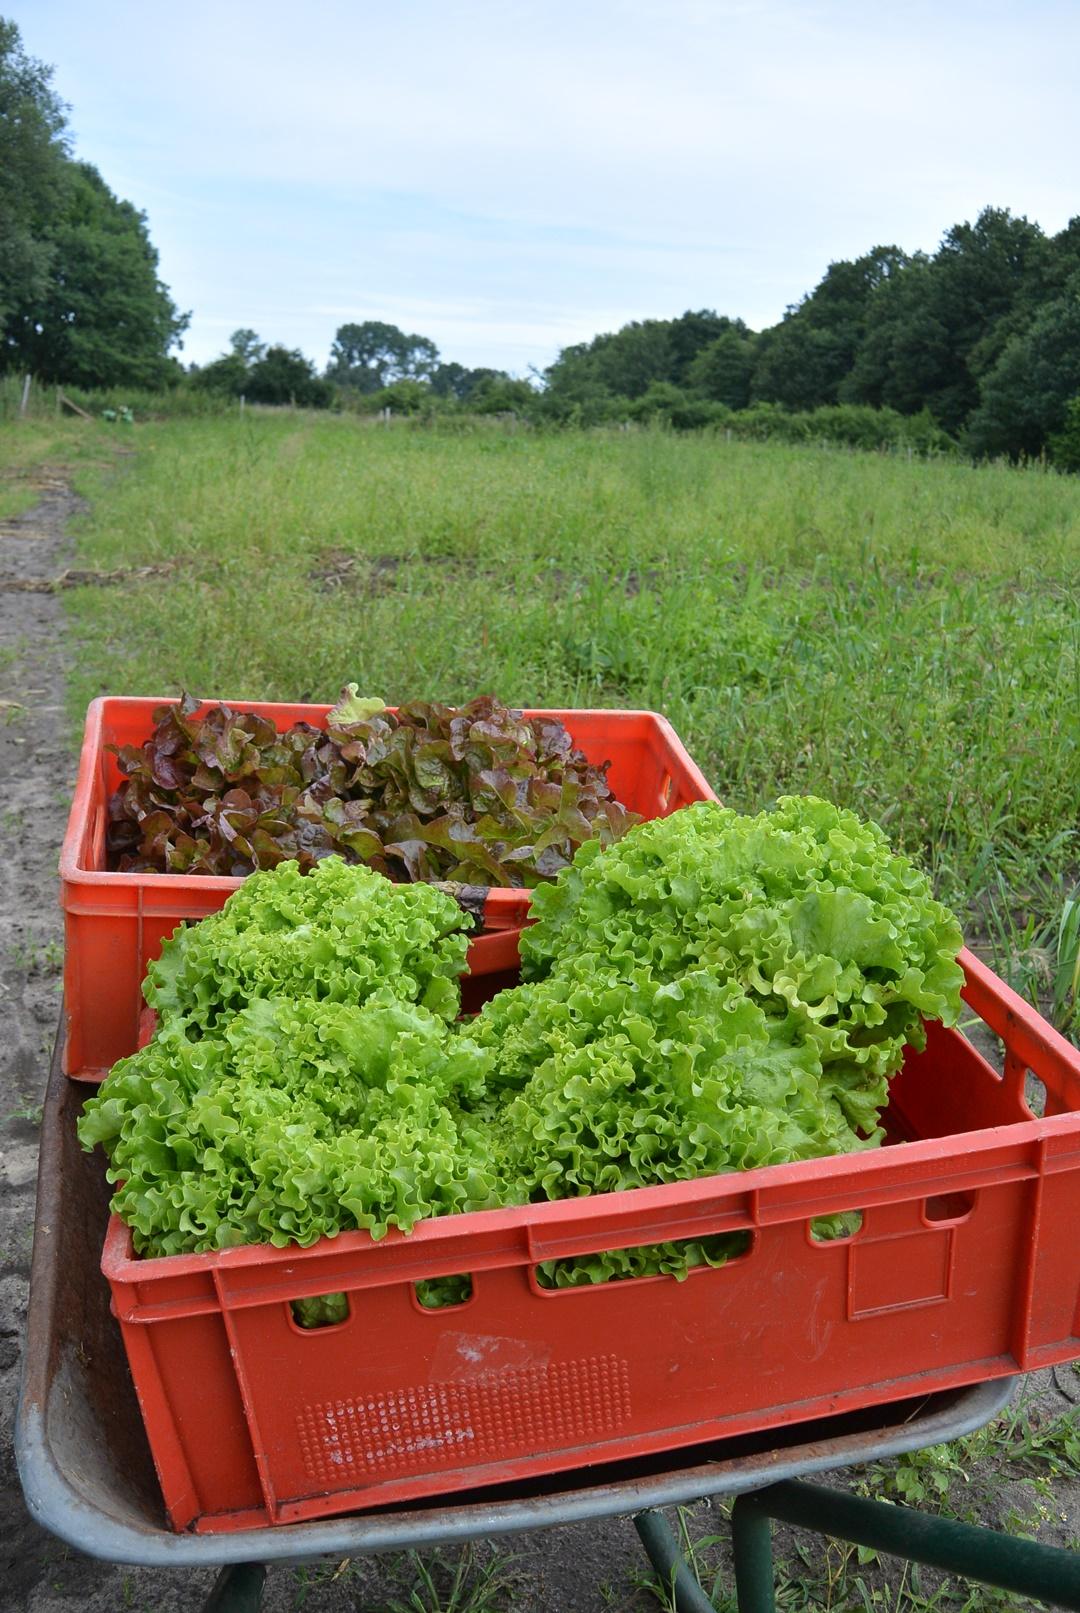 Hof Isenbüttel_Demeterhof_Biobauernhof_Der Hof_Bauernhof Alltag_Ein Tag auf dem Bauernhof_Annanikabu_Reiseblog (27)